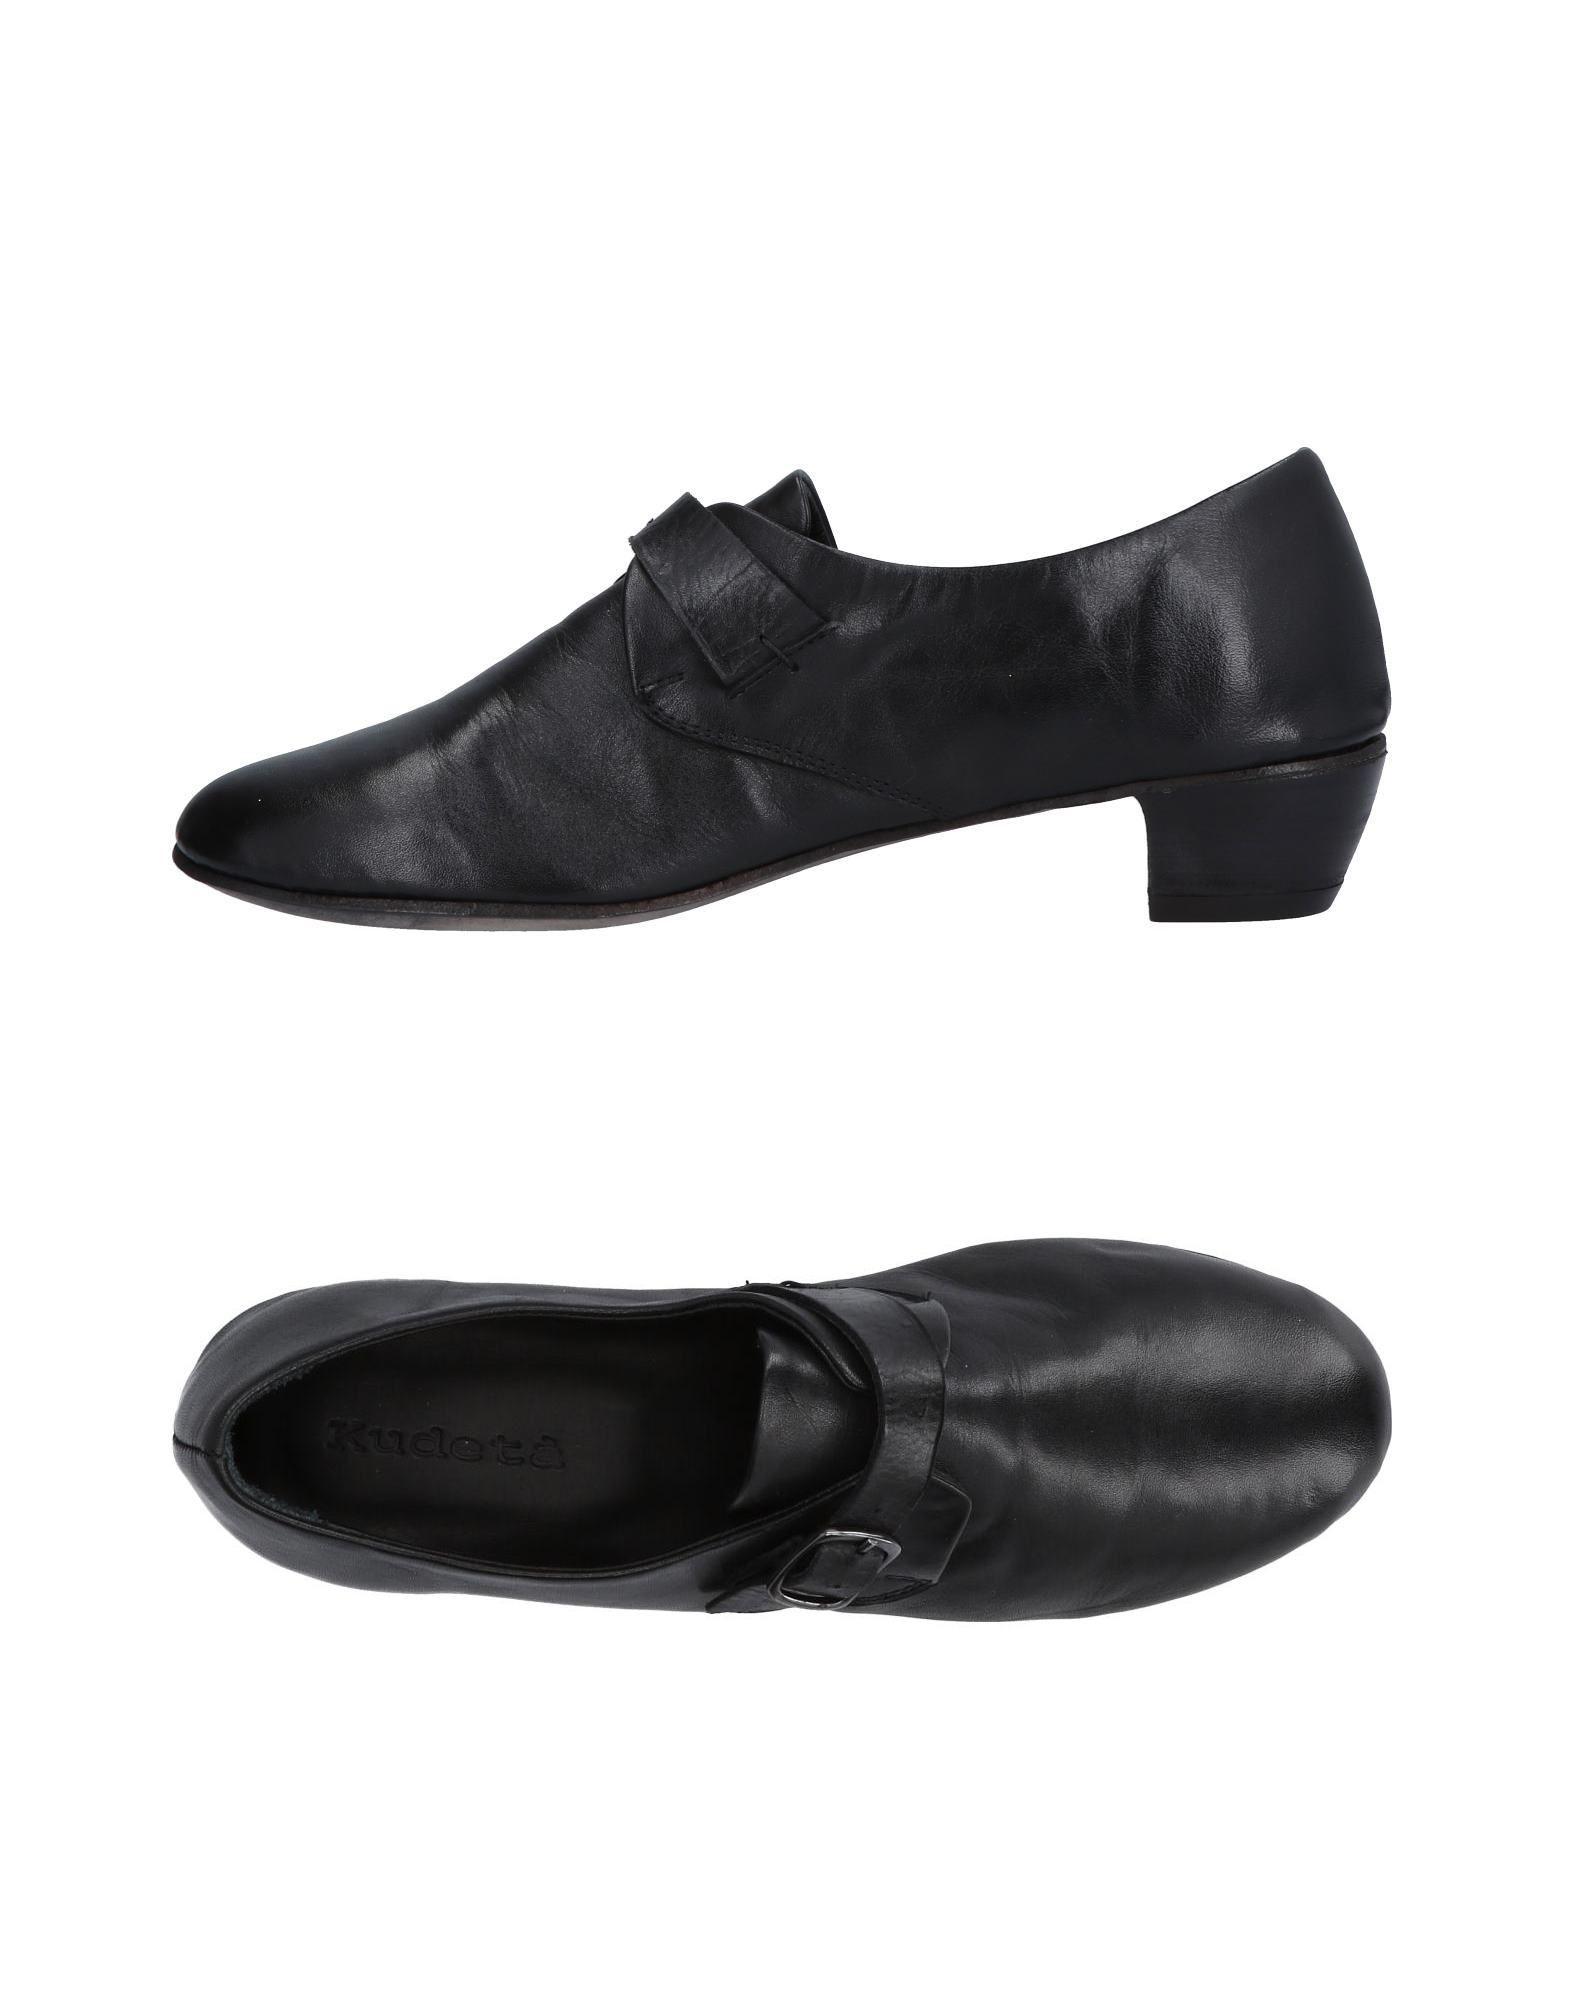 Kudetà Mokassins Damen  11479862XU Gute Qualität beliebte Schuhe